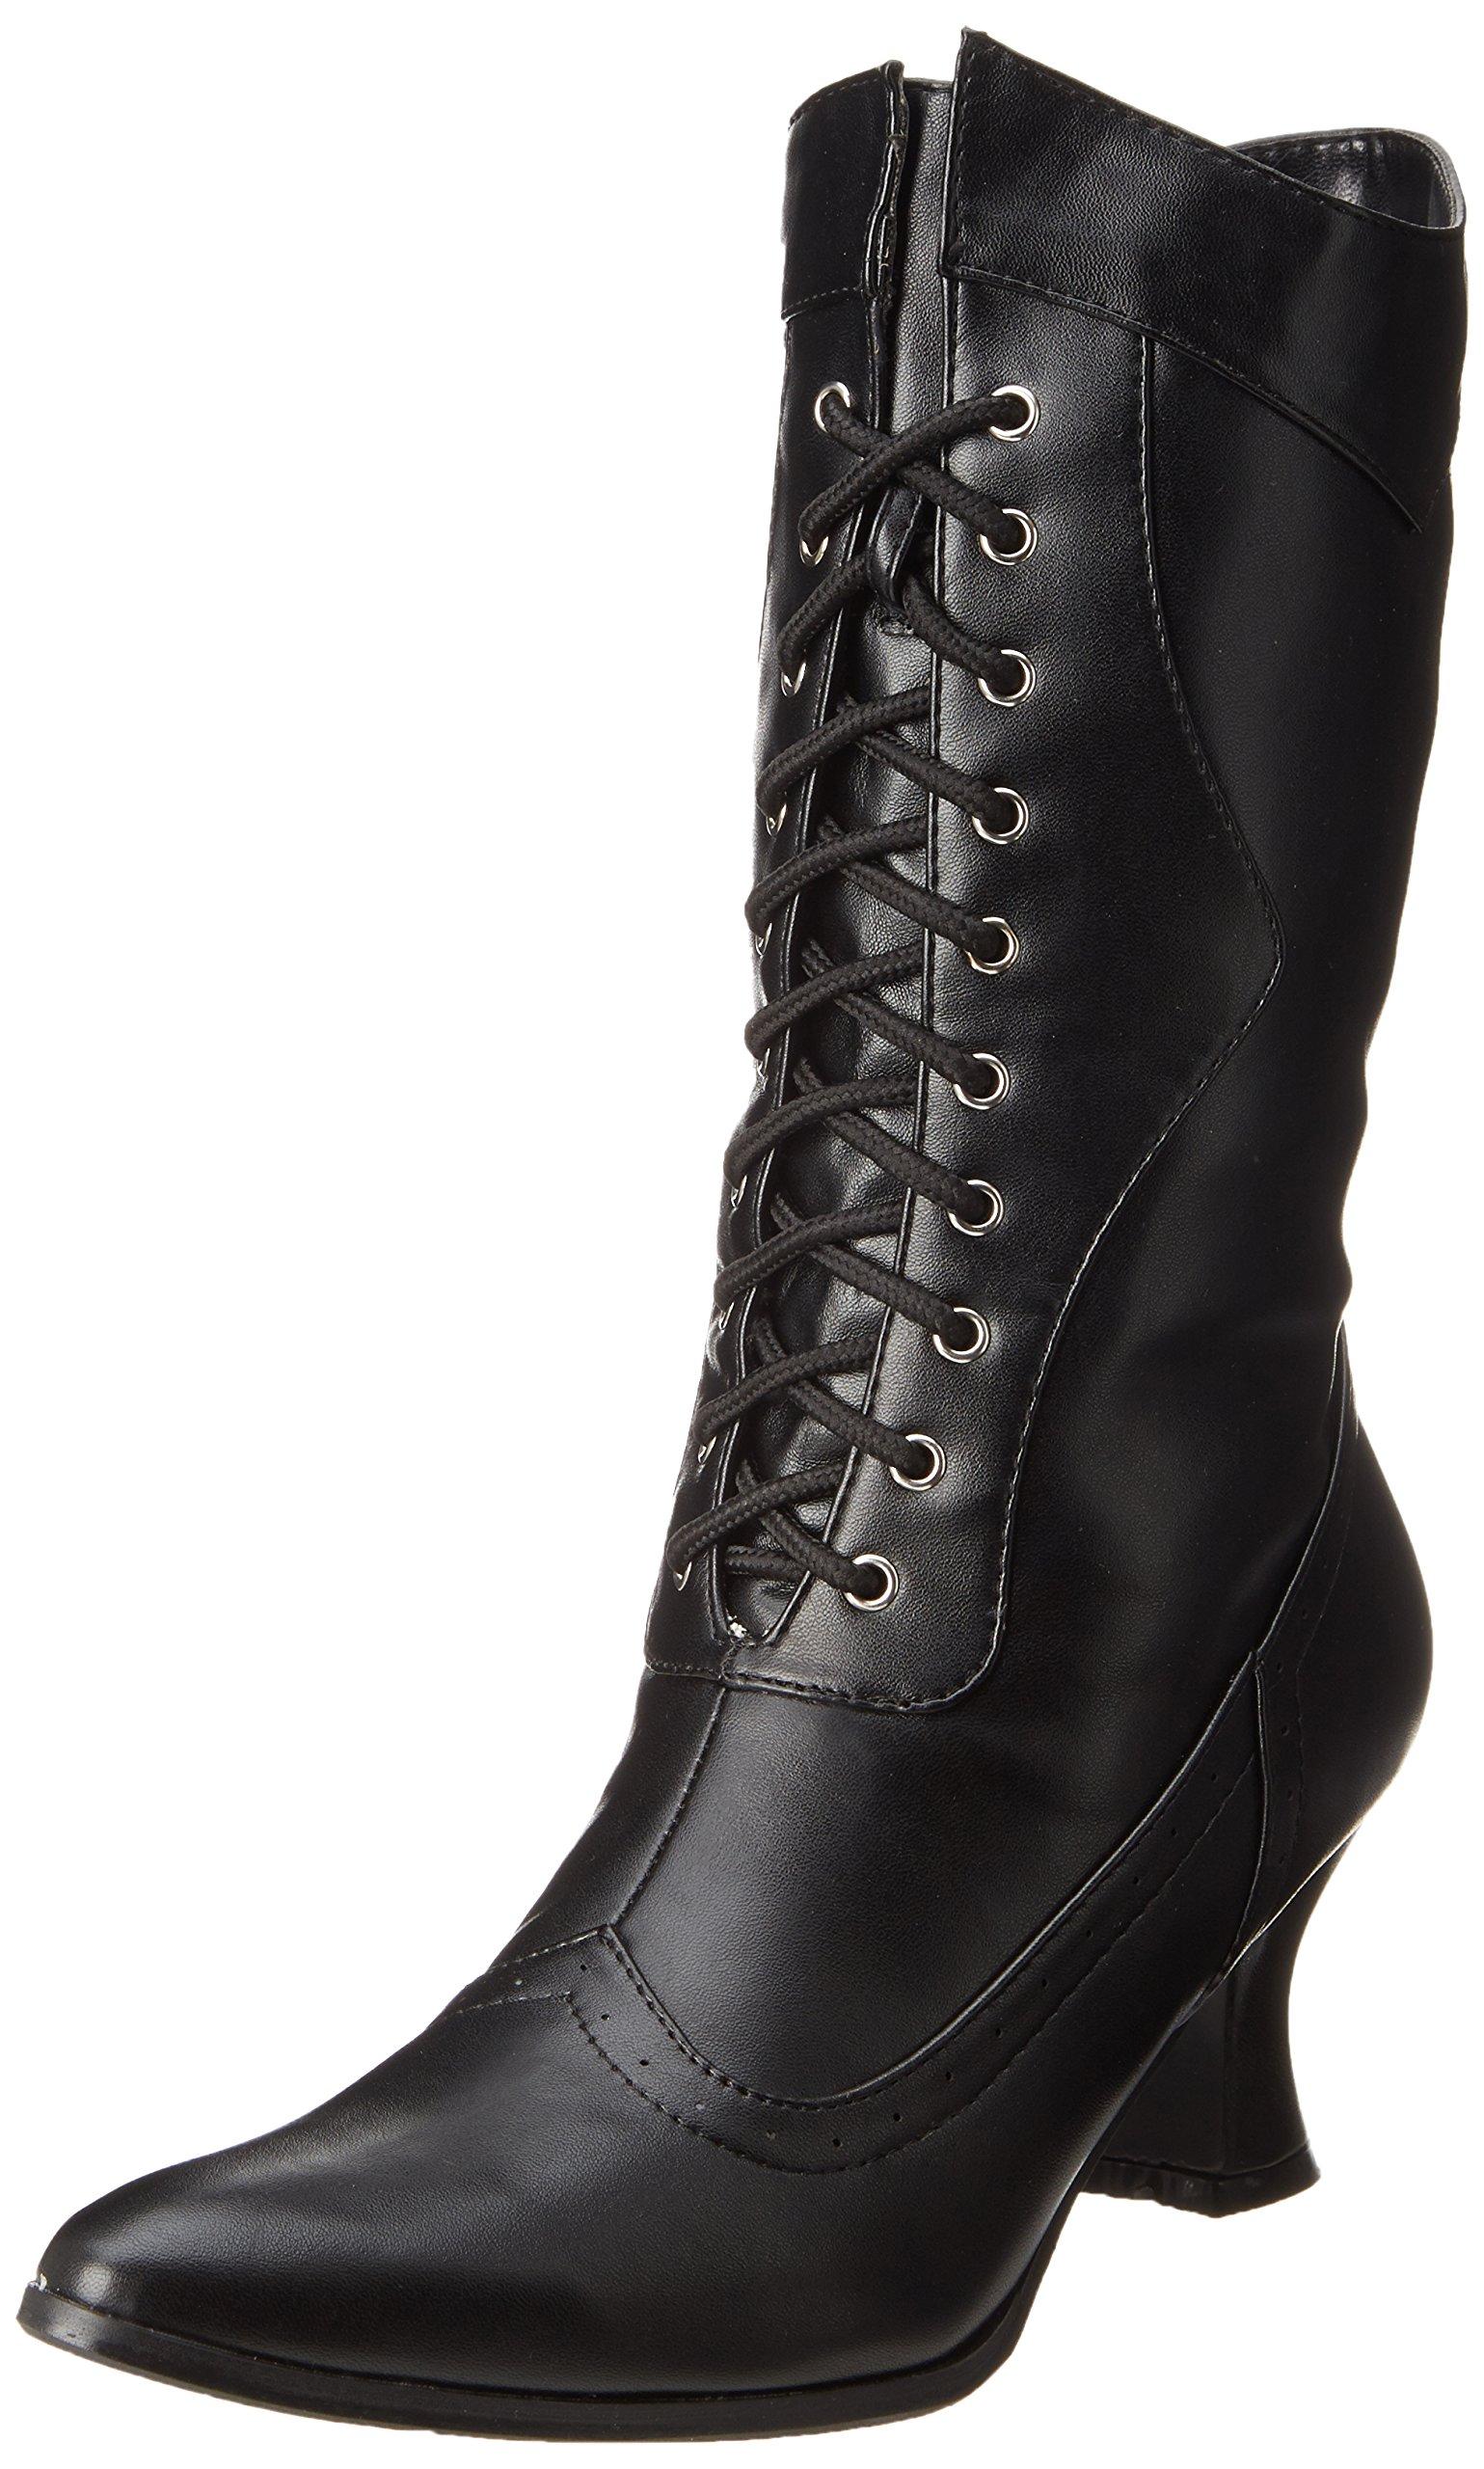 Ellie Shoes Women's 253 Amelia Victorian Boot, Black Polyurethane, 8 M US by Ellie Shoes